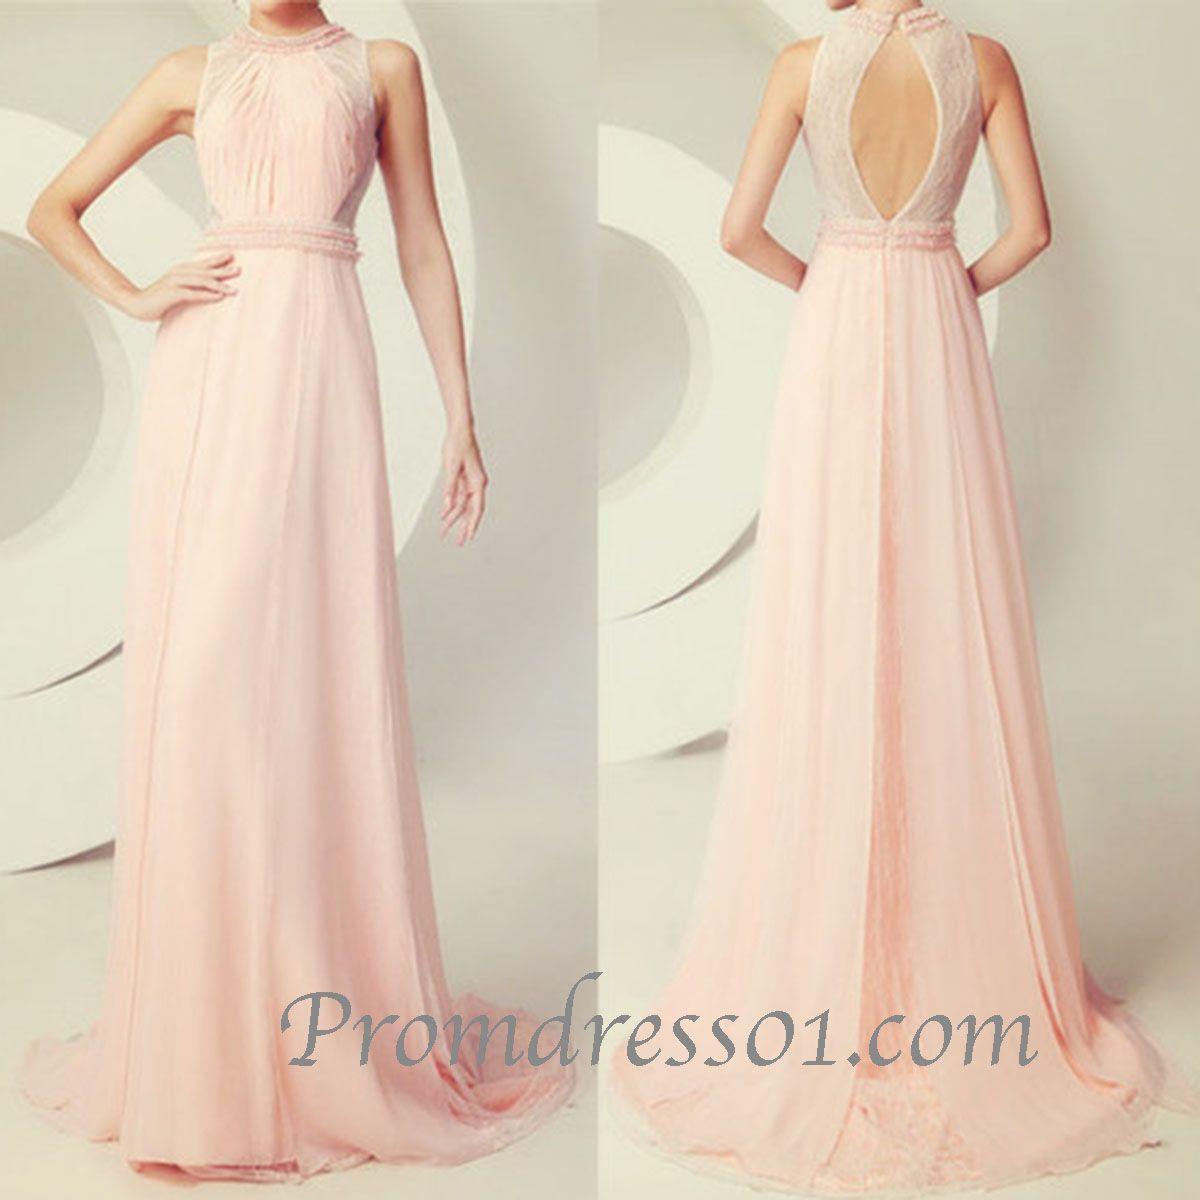 Elegant high neck open back senior prom dress long ball gown